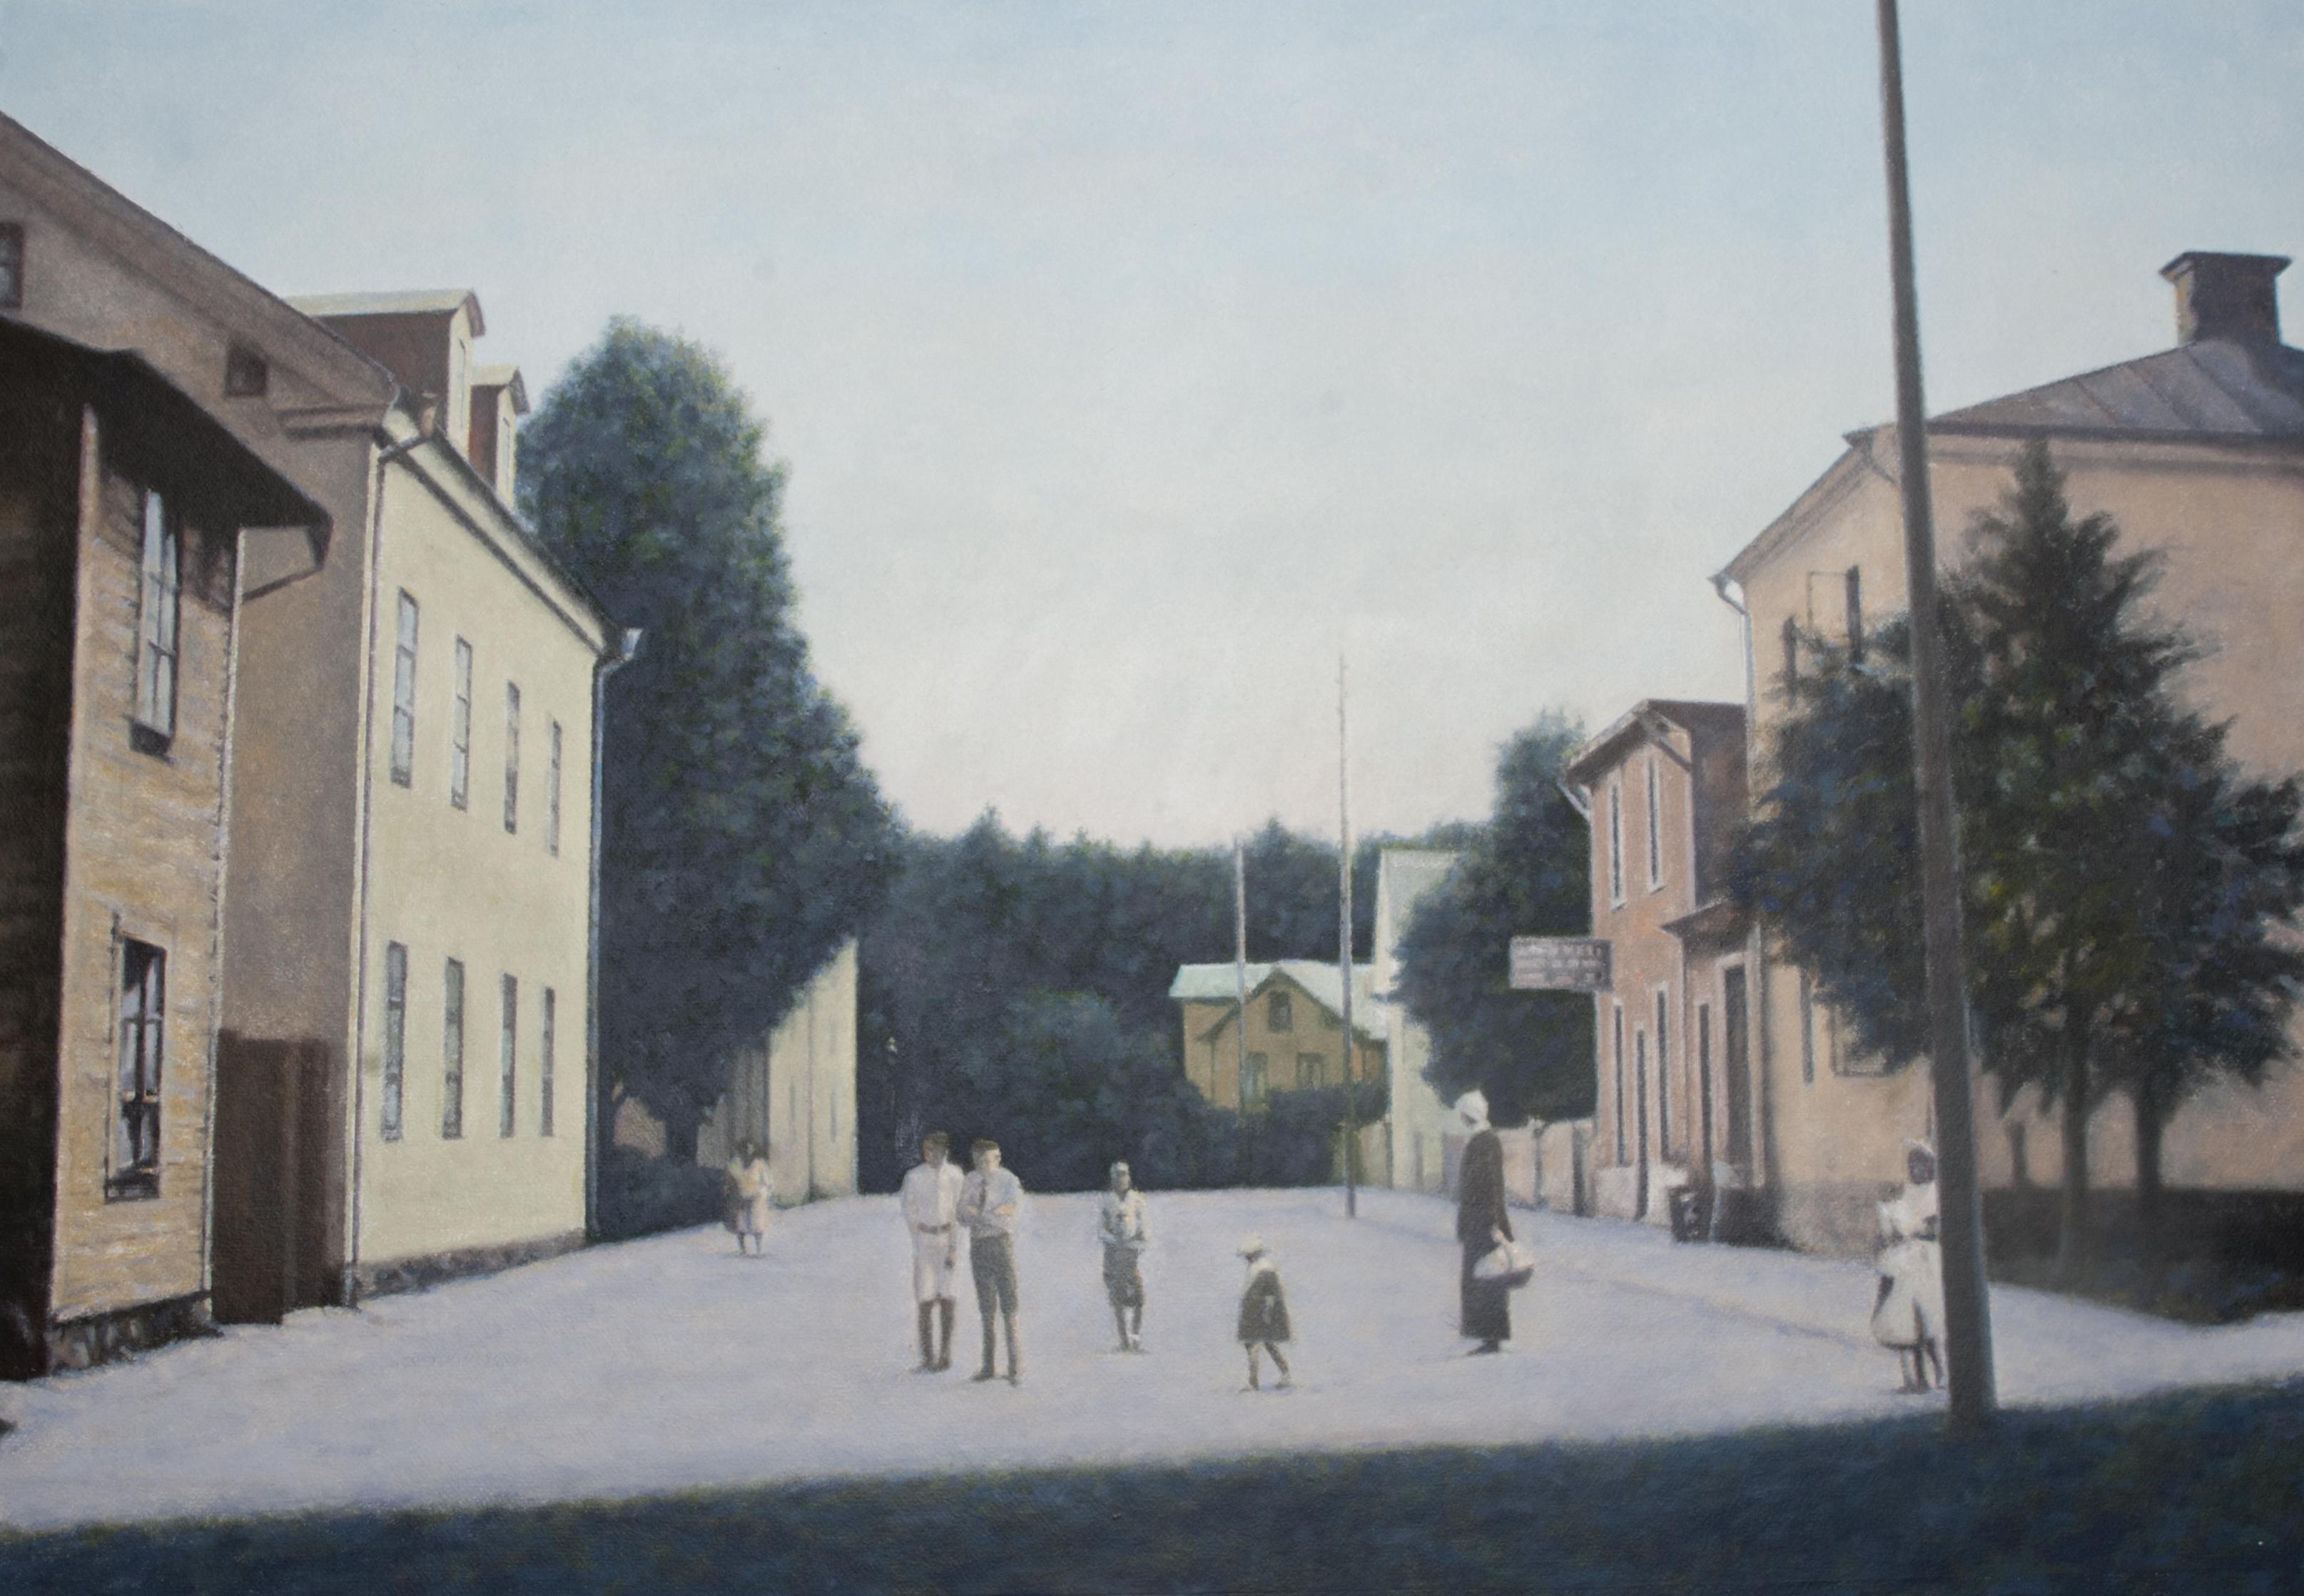 Opphemsgatan (1920-tal) - Klicka för att byta till perspektivbild.